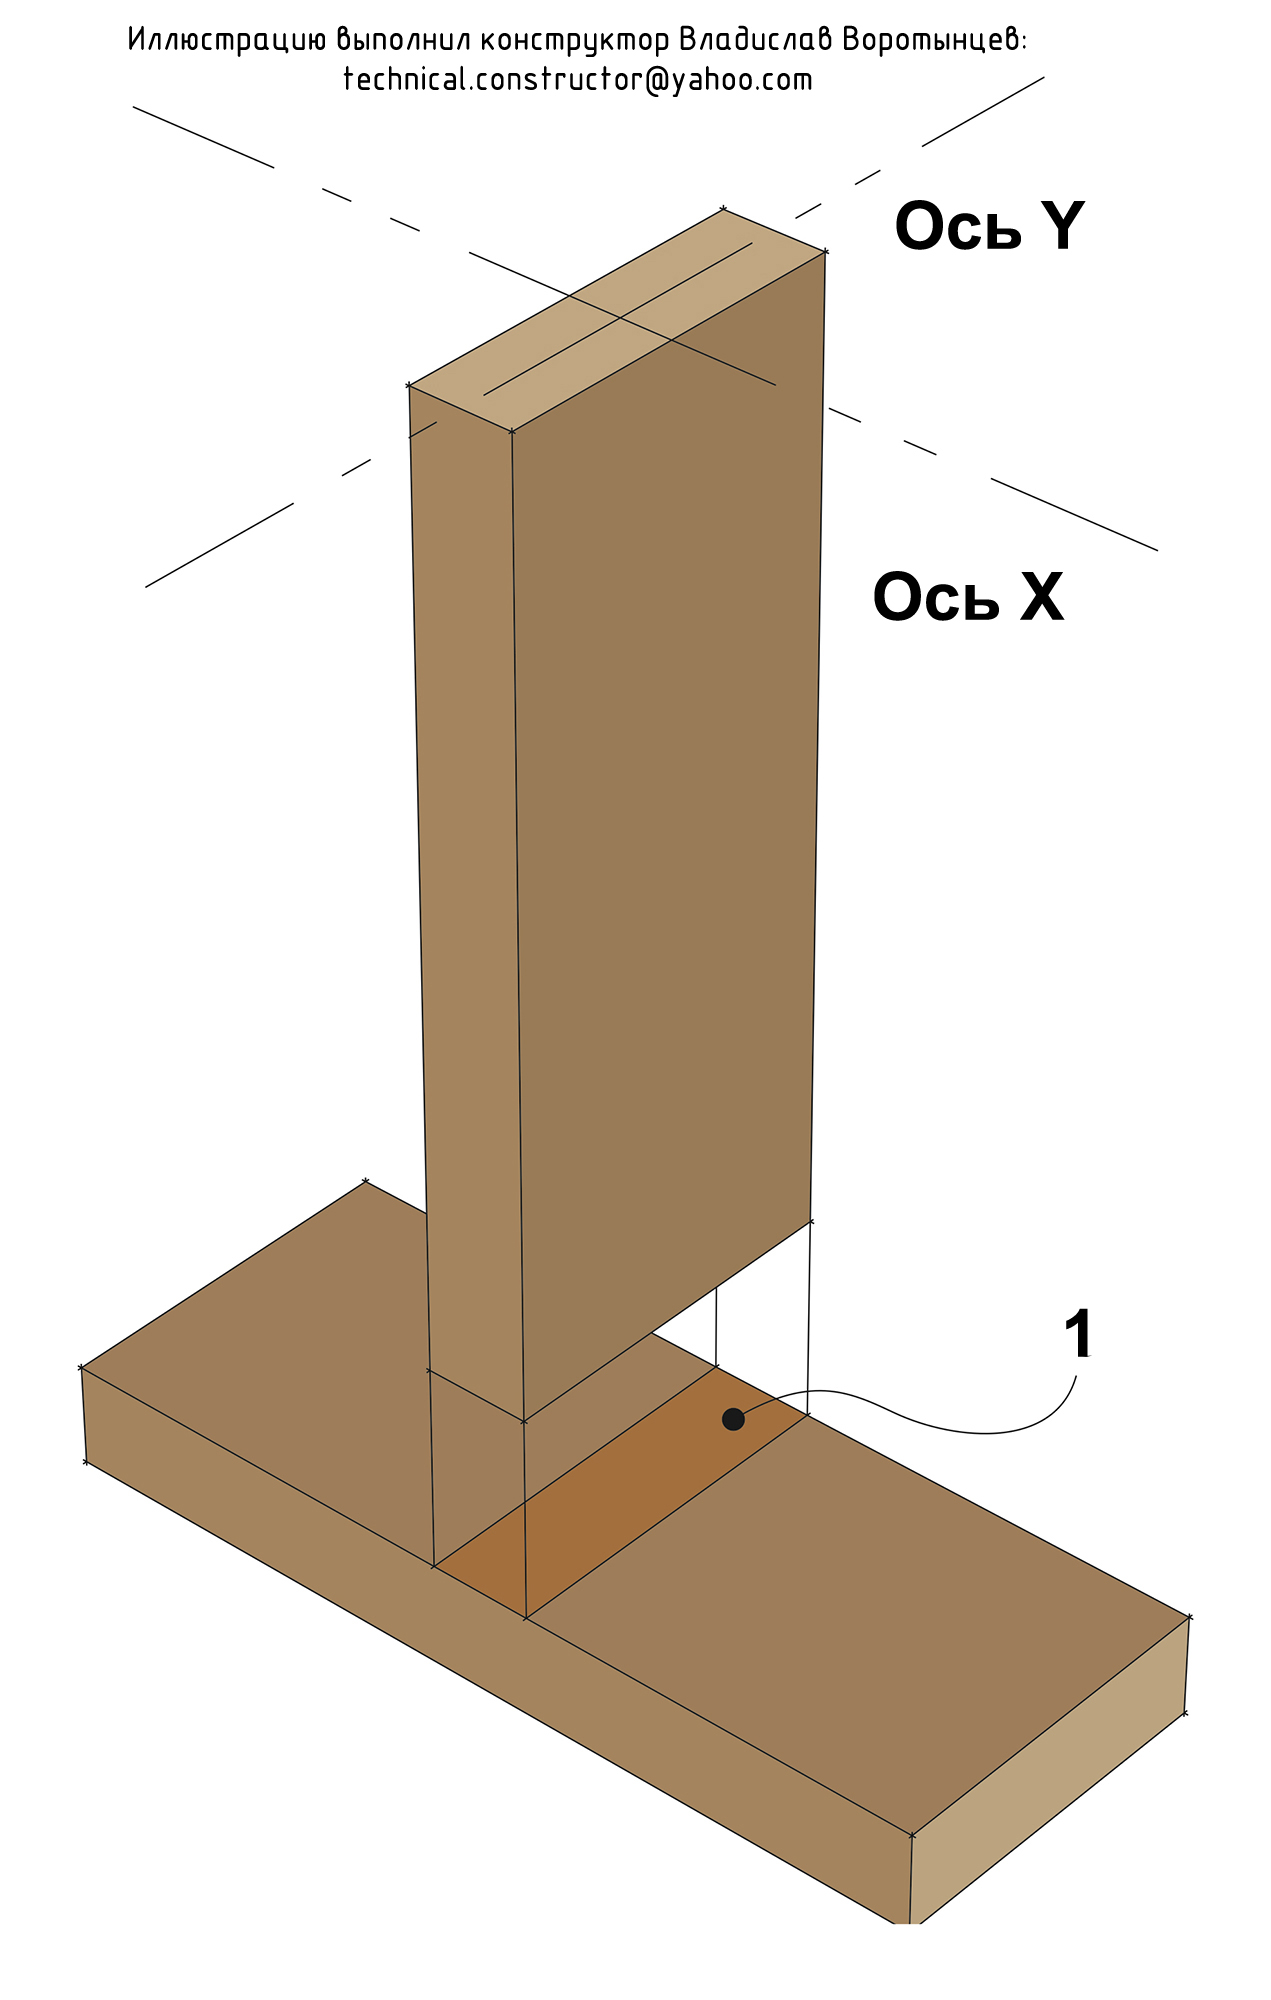 Рис. 9.6 Обвязка и стойка деревянной каркасной стен. Продольный изгиб по осям X и Y.